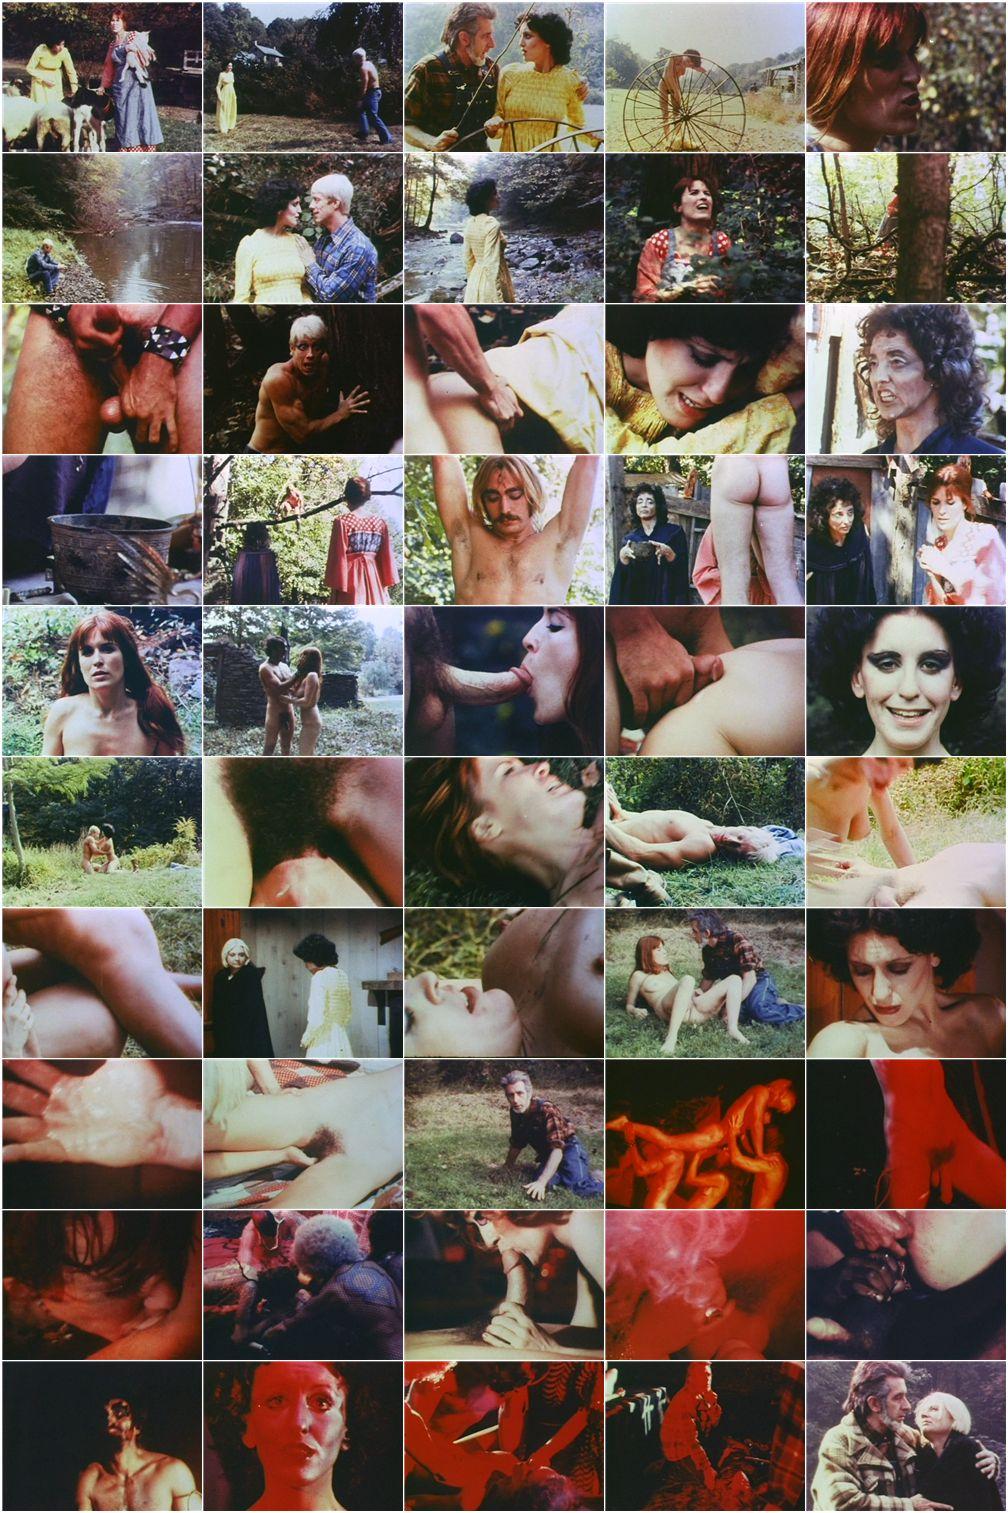 korotkometrazhniy-film-pro-porno